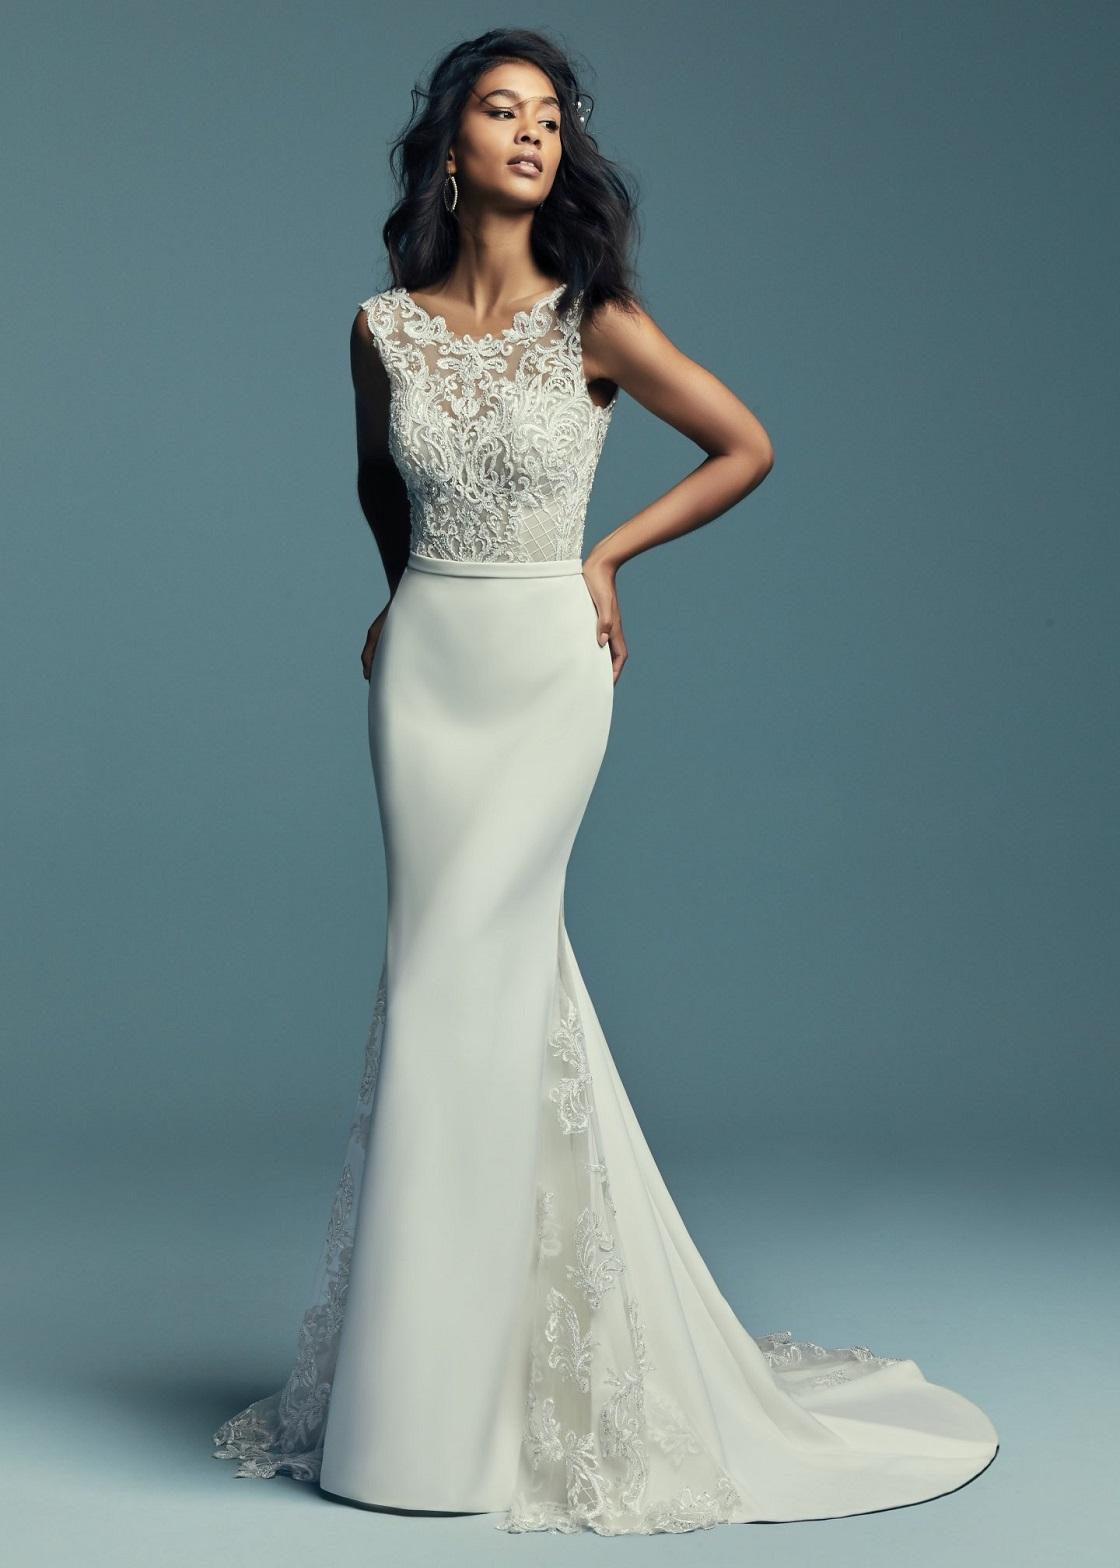 uks leading bridal designer - 685×1028